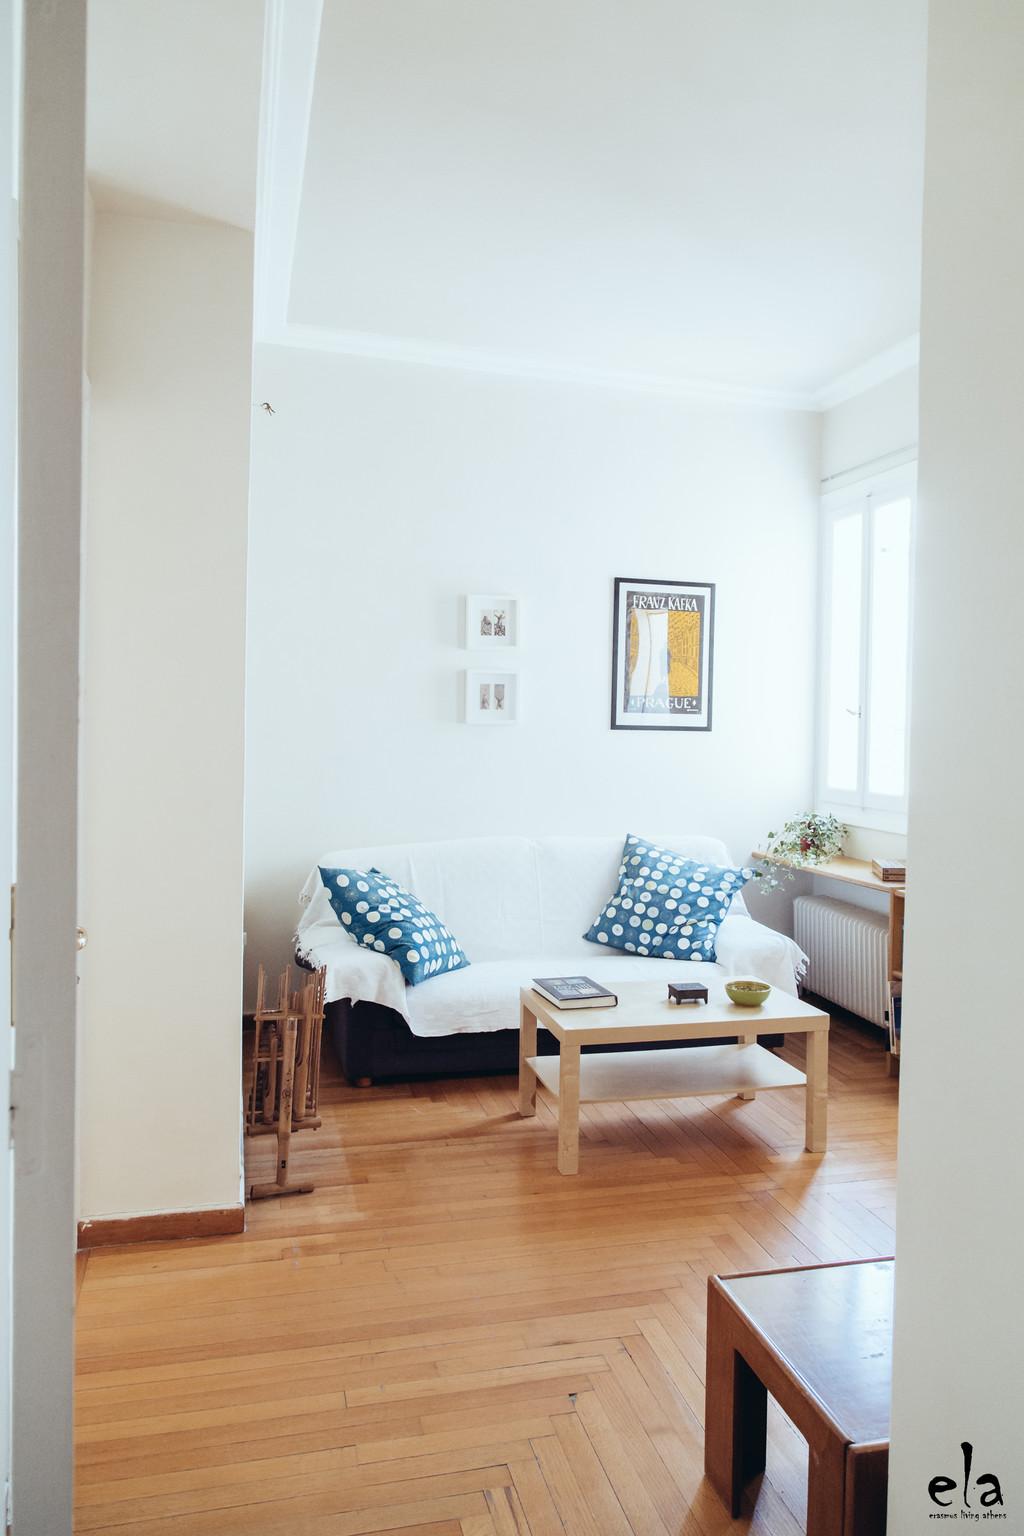 erasmus-living-athens-room-3-20m2-sunny-